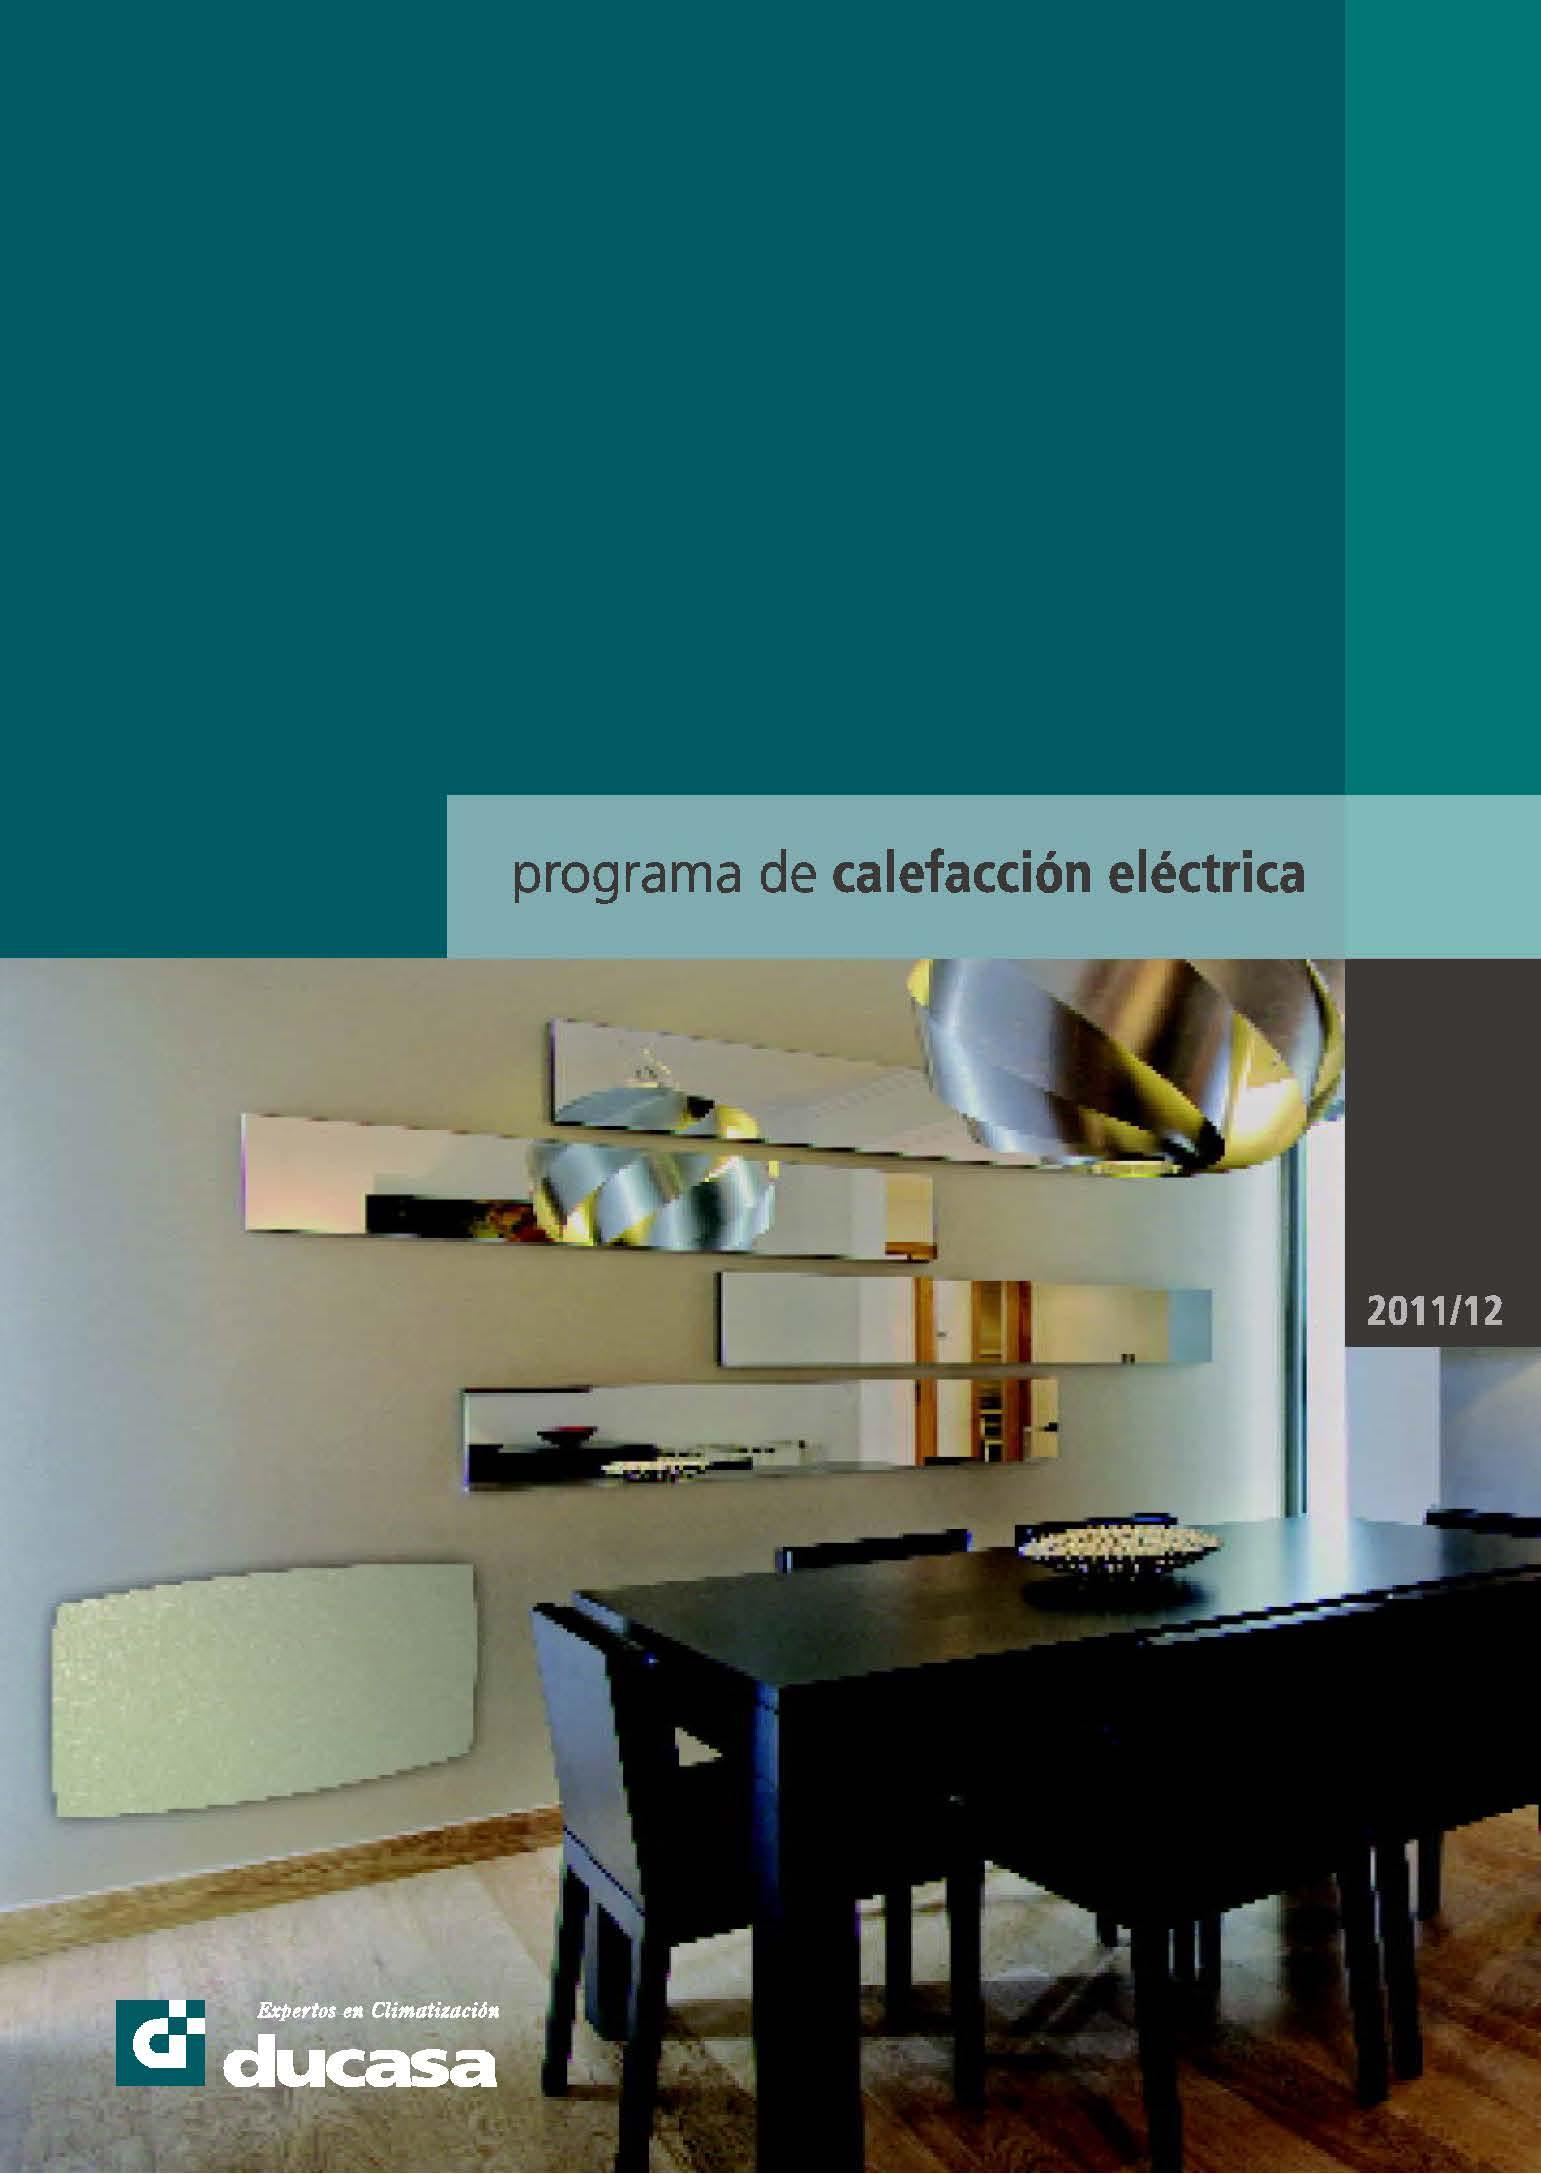 Catálogo-arifa DUCASA 2014